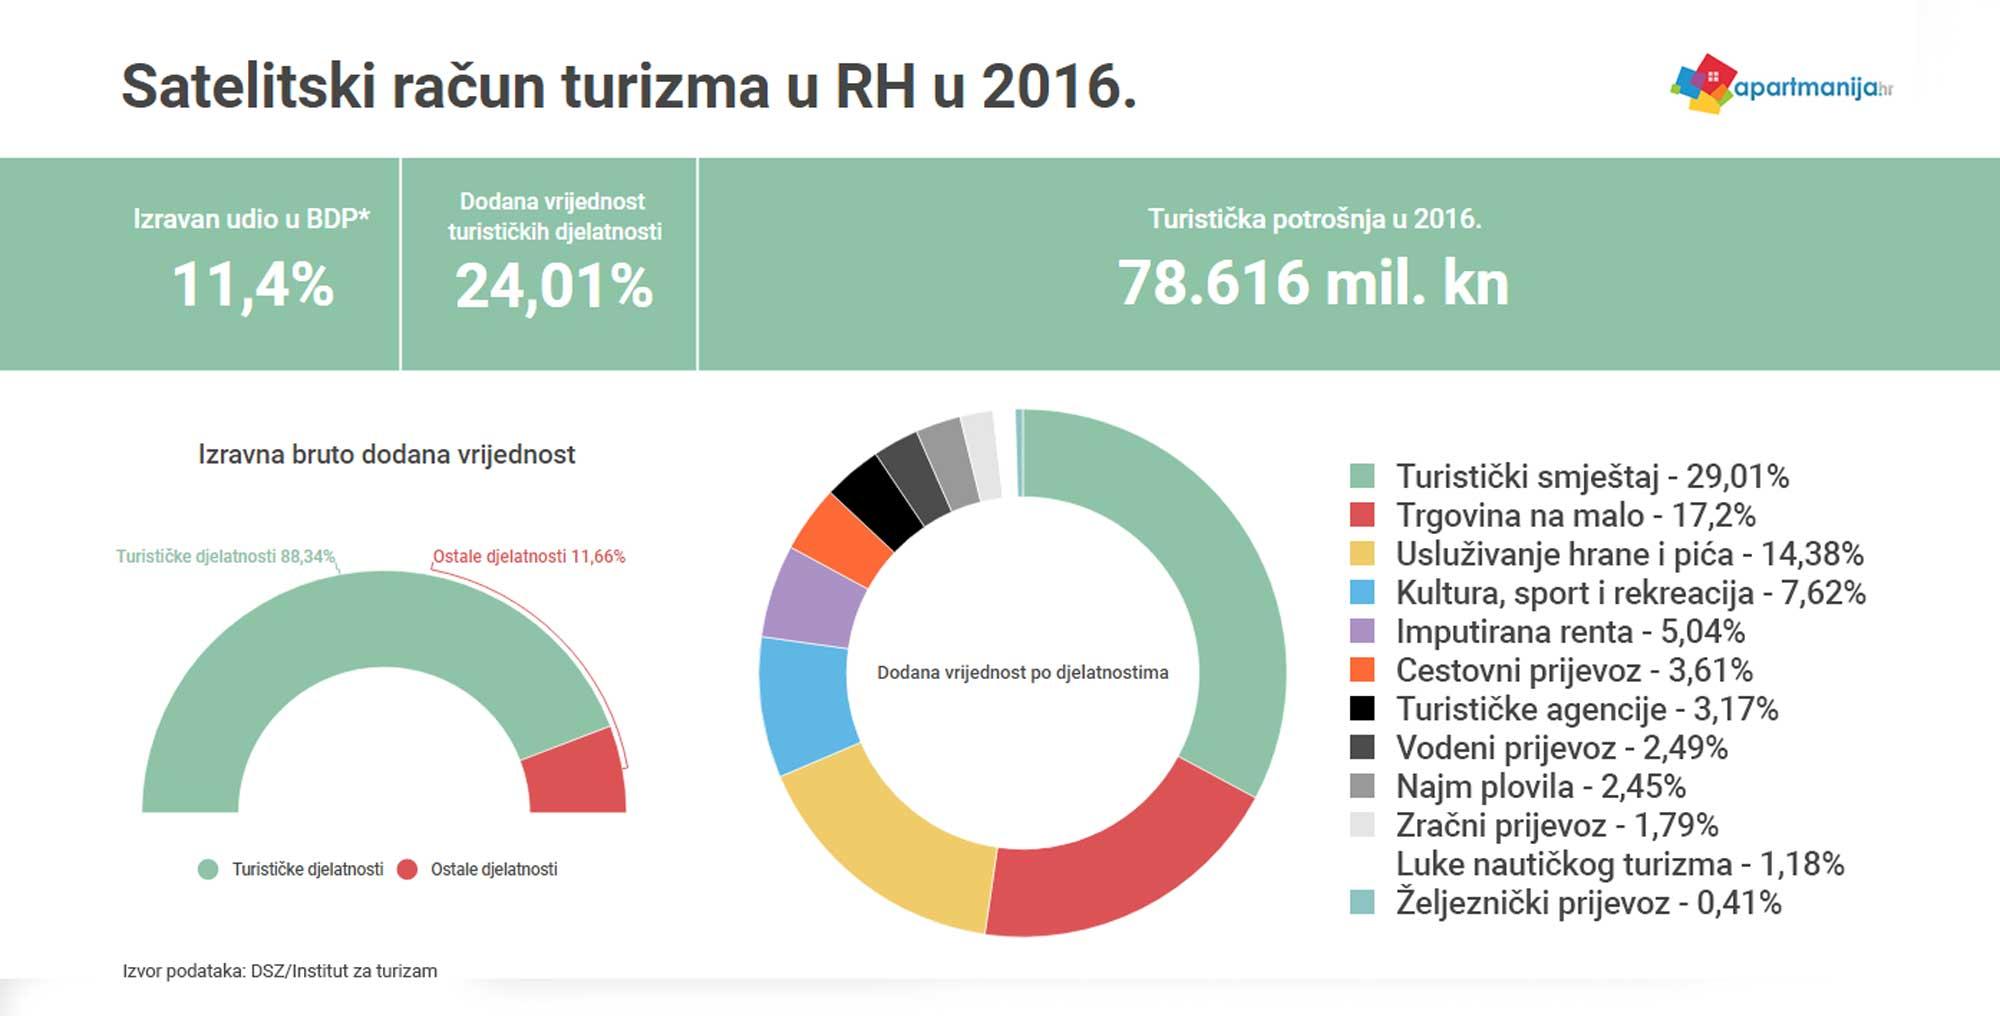 TSA RH 2016.: Izravan udio turizma u BDP-u je 11,4 posto, uz ukupan utjecaj na gospodarstvo Hrvatske od 16,9 posto